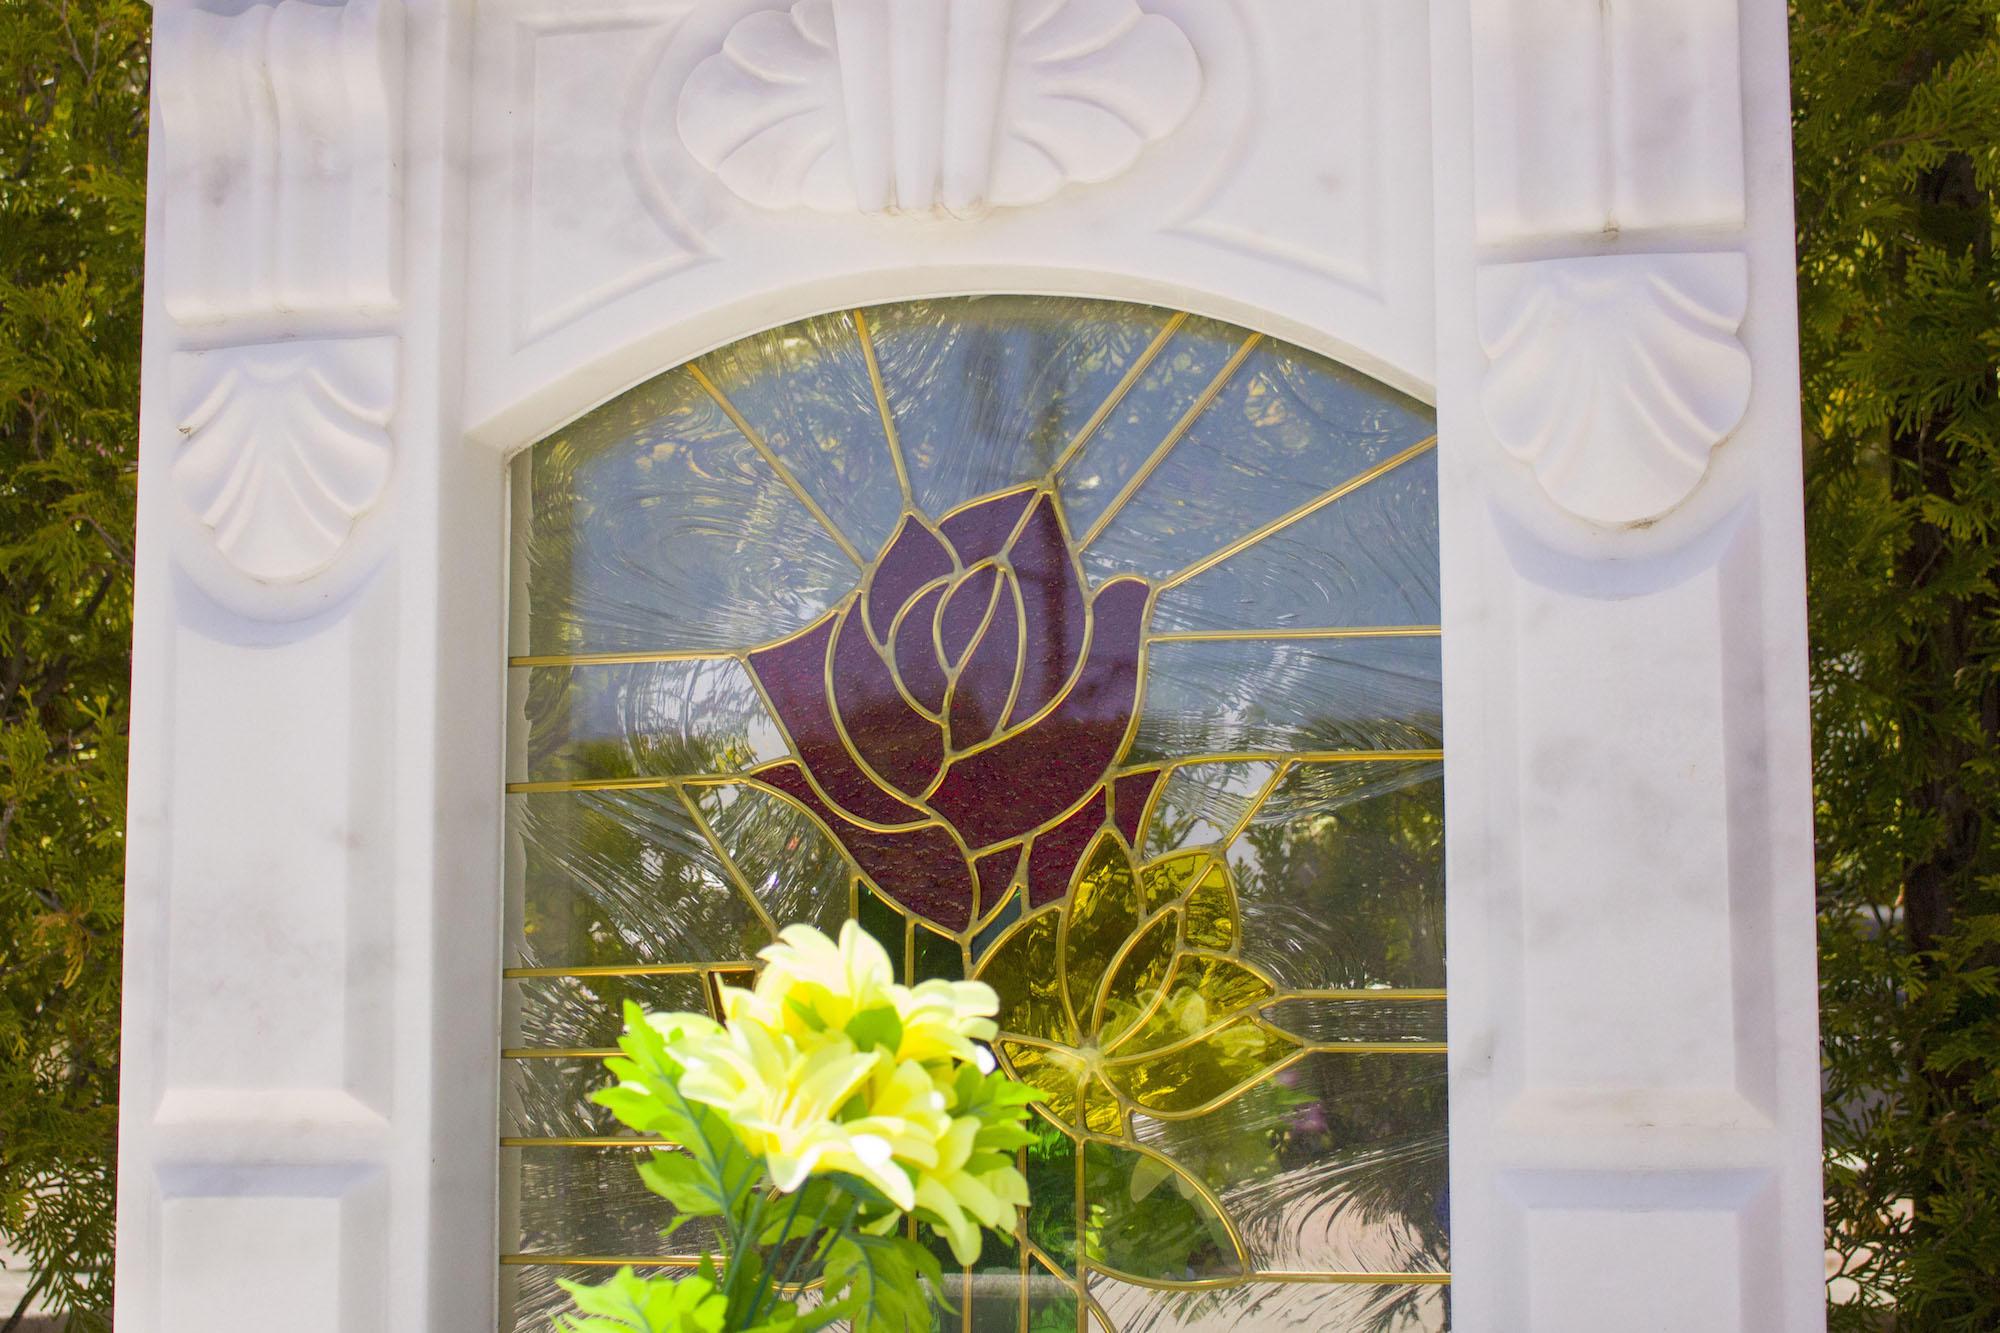 ステンドグラスと大理石墓石